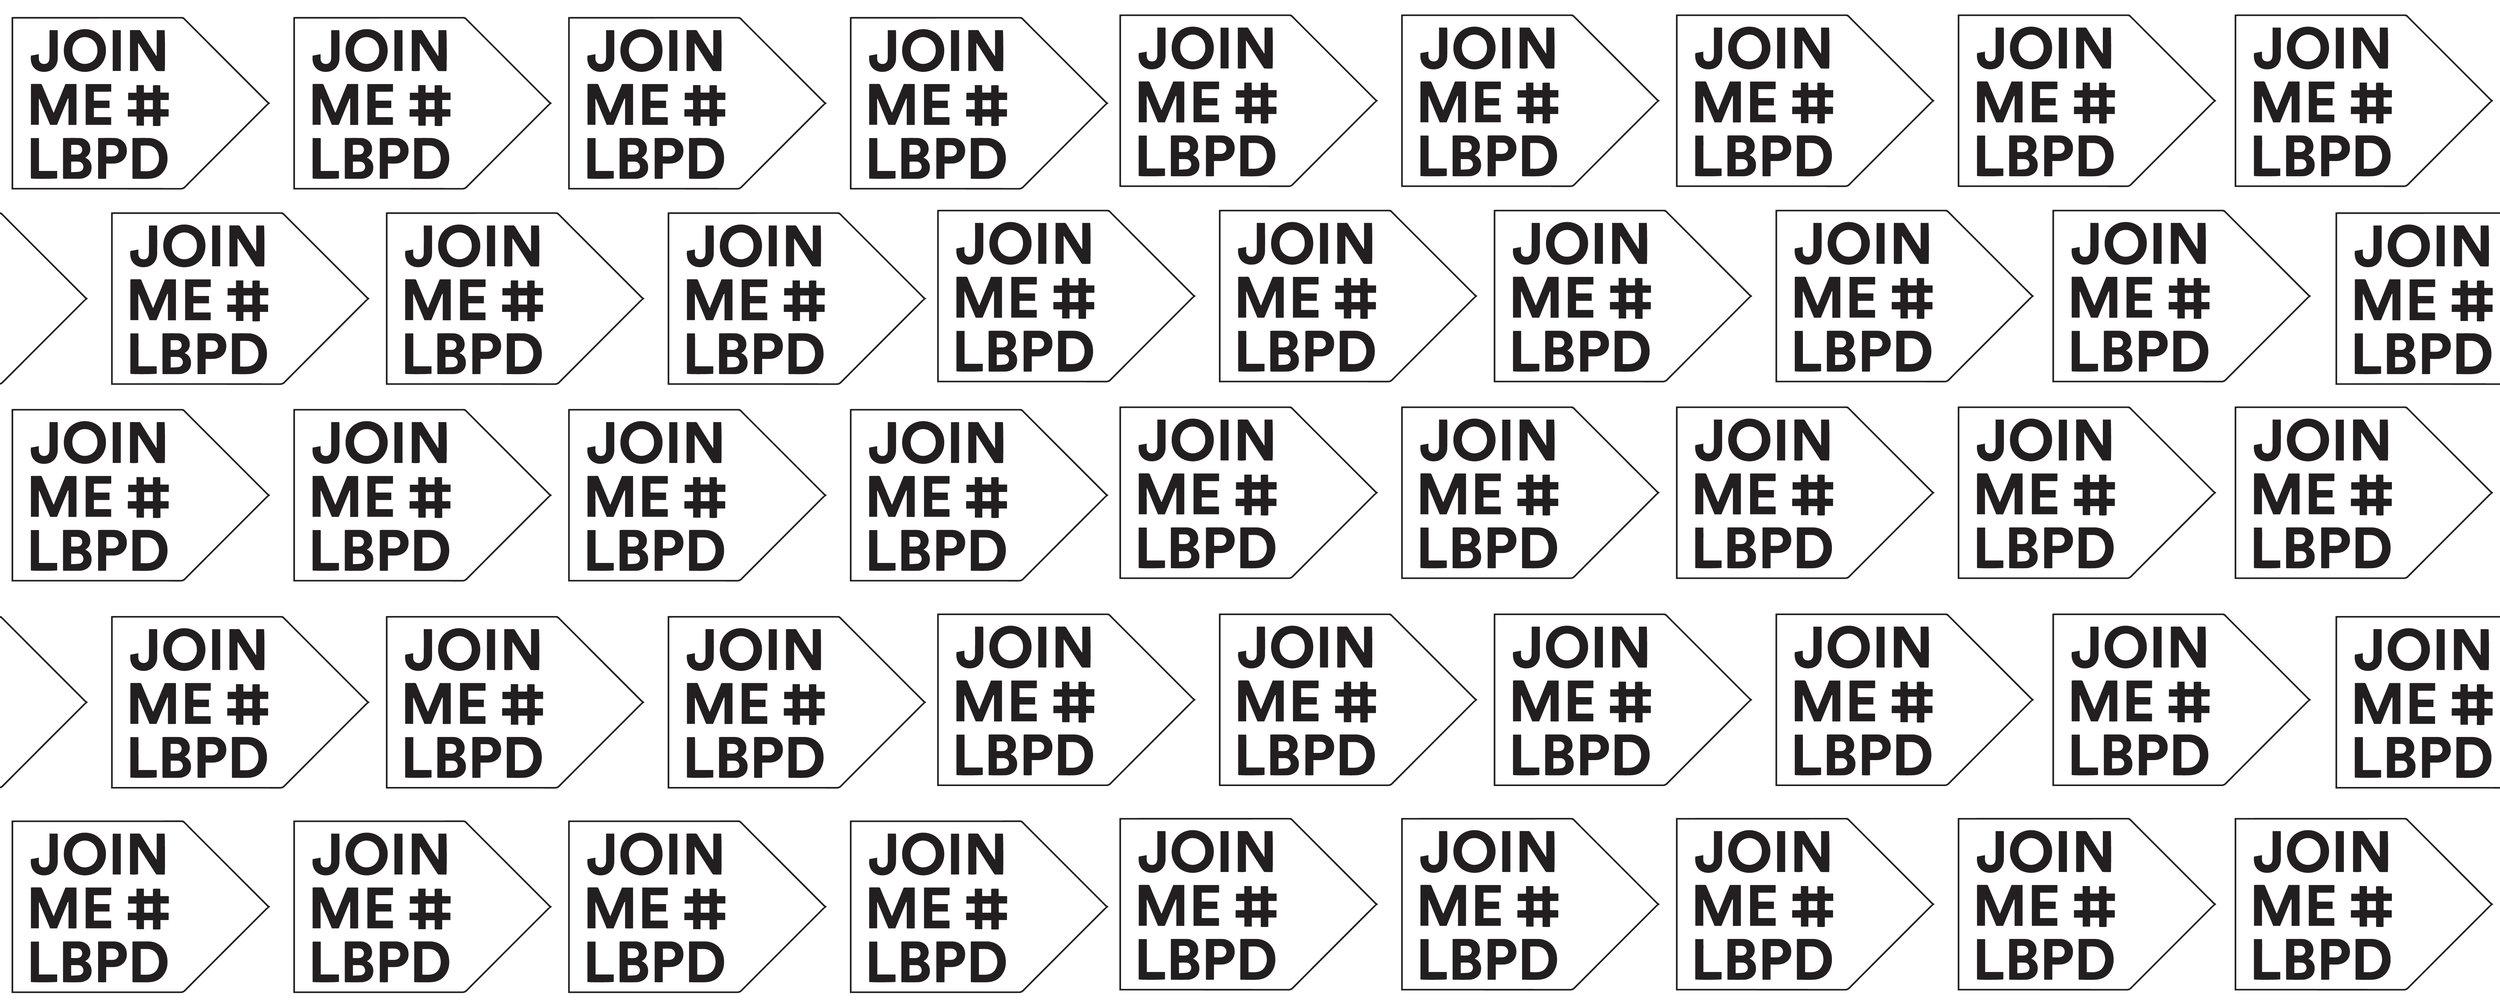 join logojpg-09.jpg